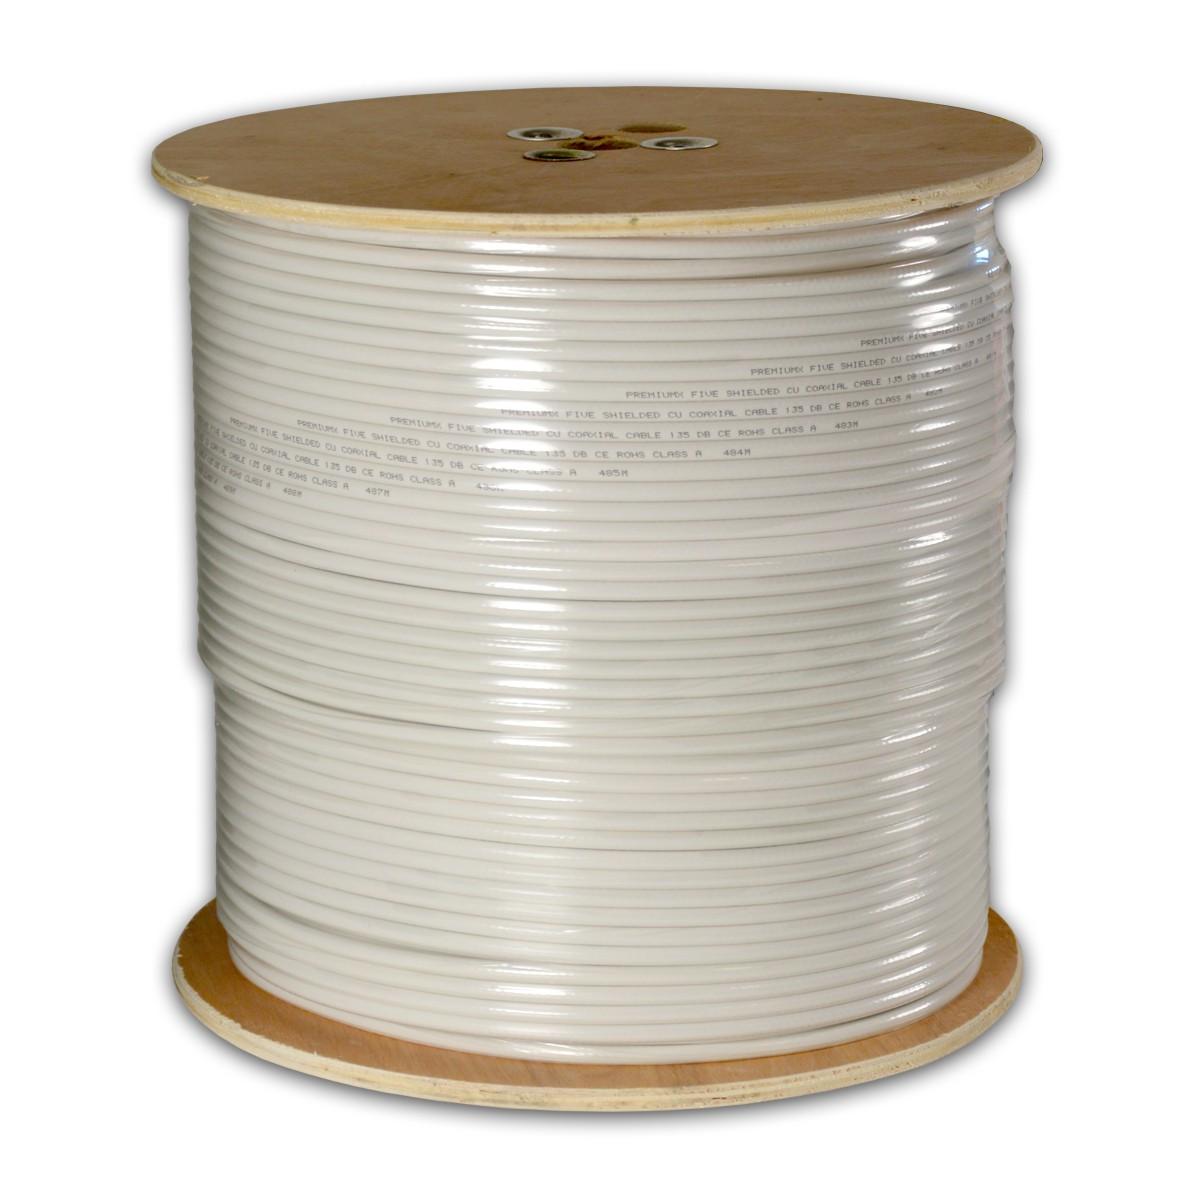 500m PremiumX DELUXE PRO Koaxial Kabel 135 dB 5-Fach geschirmt, REINES KUPFER SAT Antennenkabel 500 m 135 120 110